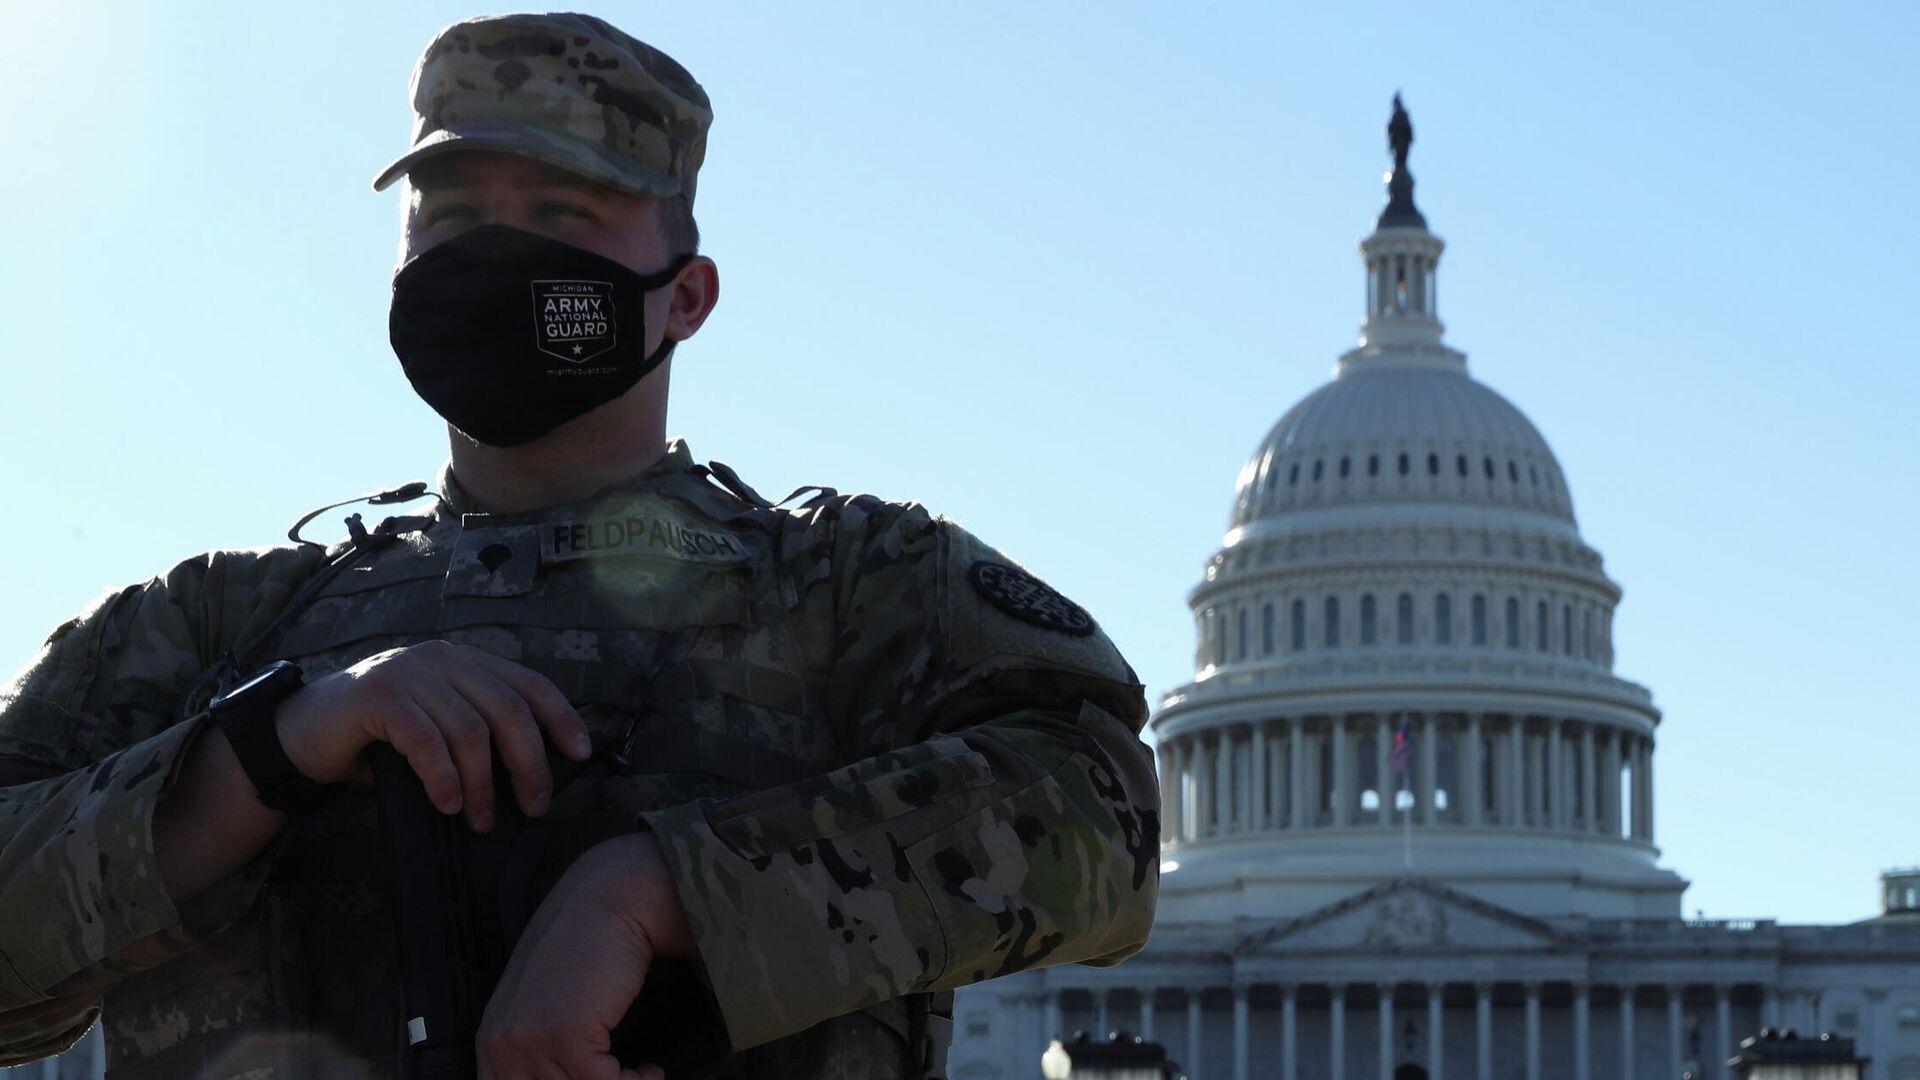 Сотрудники Национальной гвардии США у здания Капитолия в Вашингтоне - РИА Новости, 1920, 04.03.2021